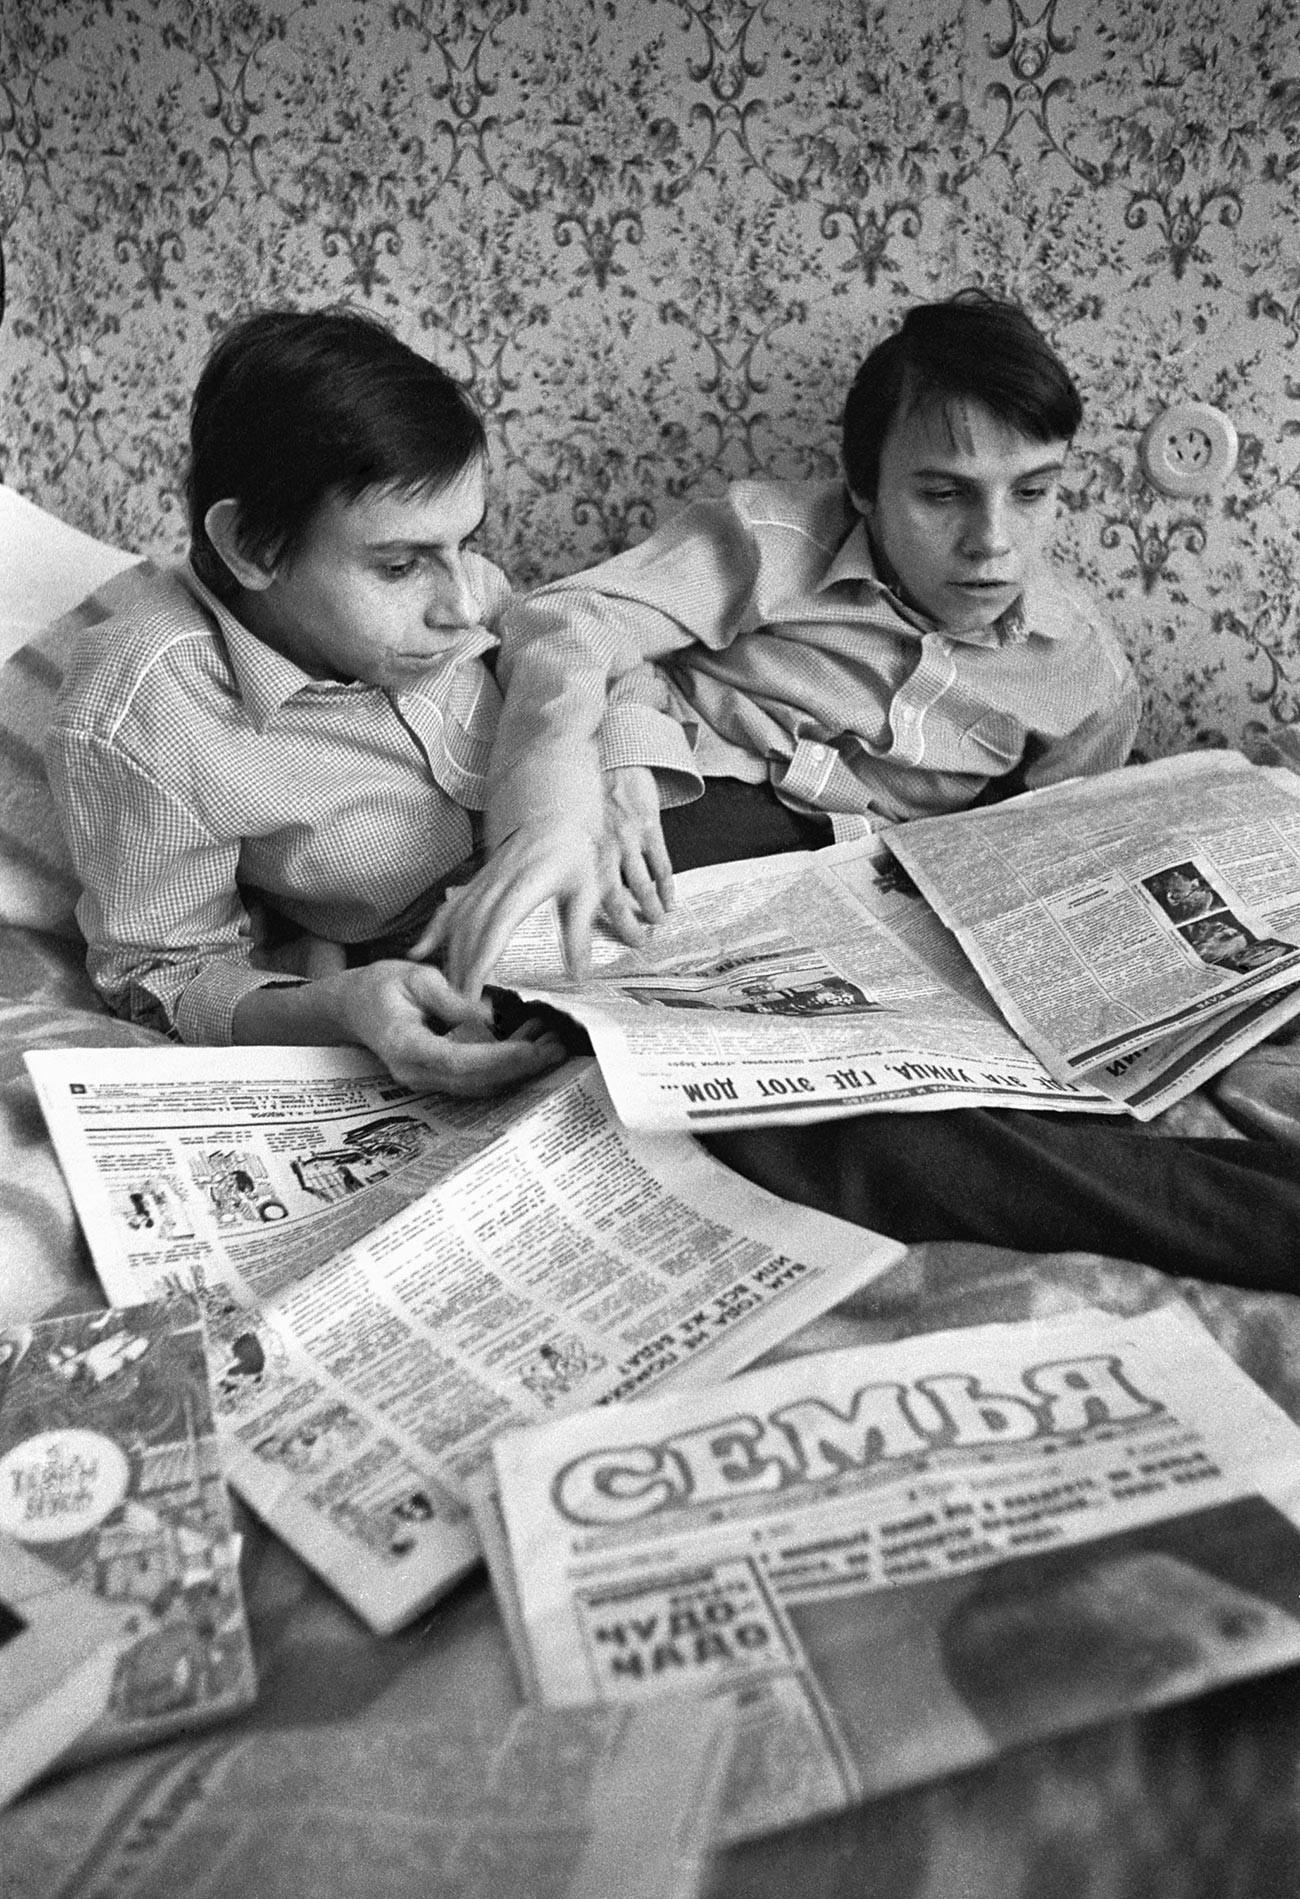 モスクワに住んでいるシャム双生児ダーシャ・クリヴォシリャポワとマーシャ・クリヴォシリャポワ